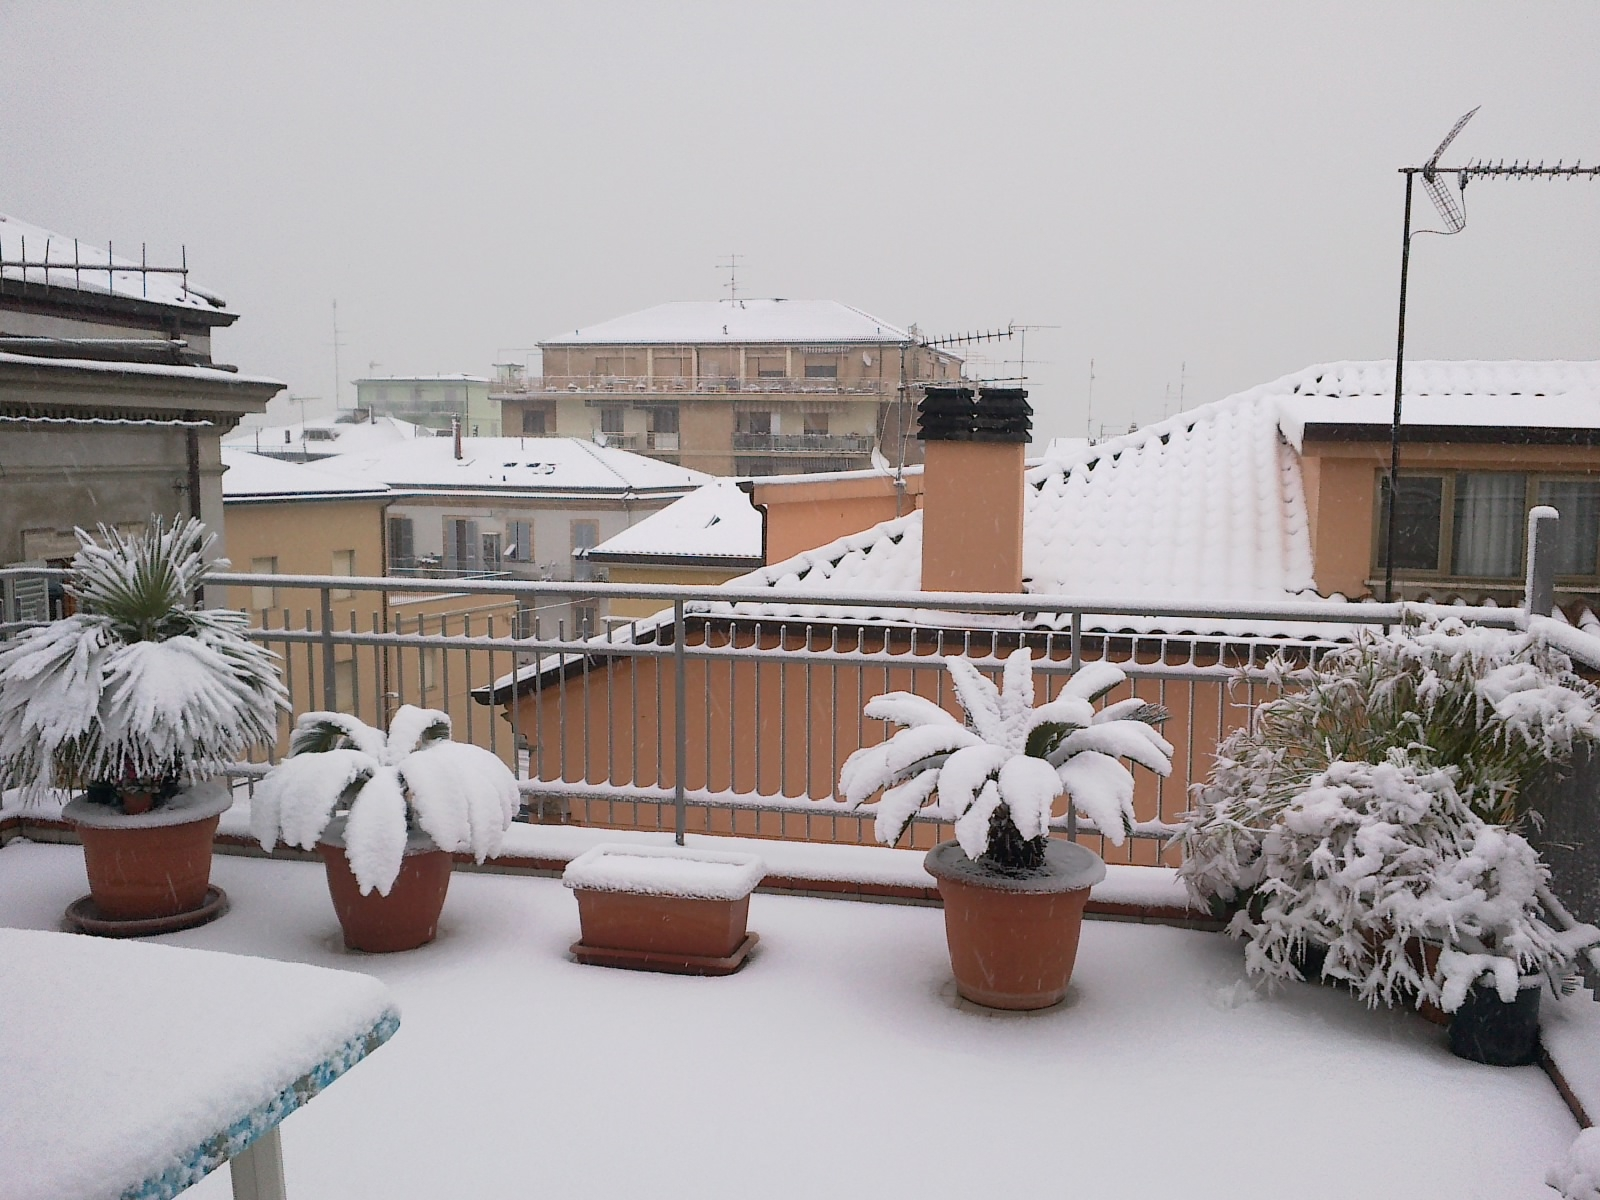 Neve a Cupra Marittima 3 febbraio 2012 (foto di Stefania Reginella)